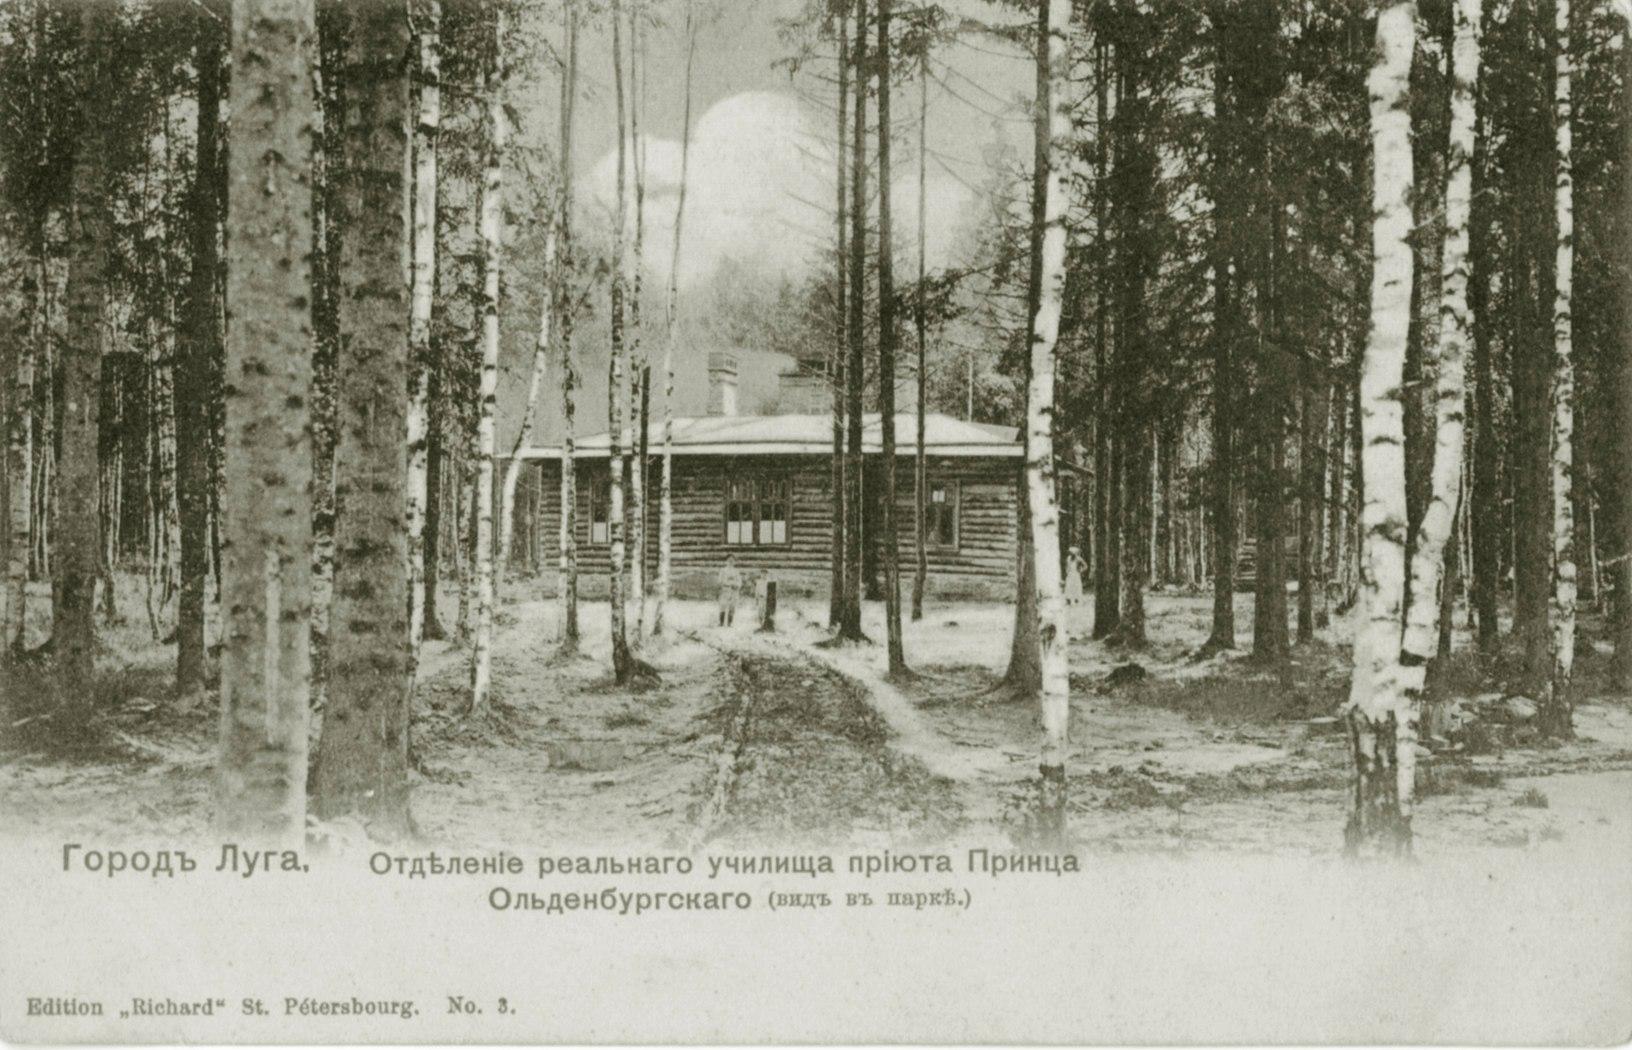 Парк приюта принца Ольденбургского